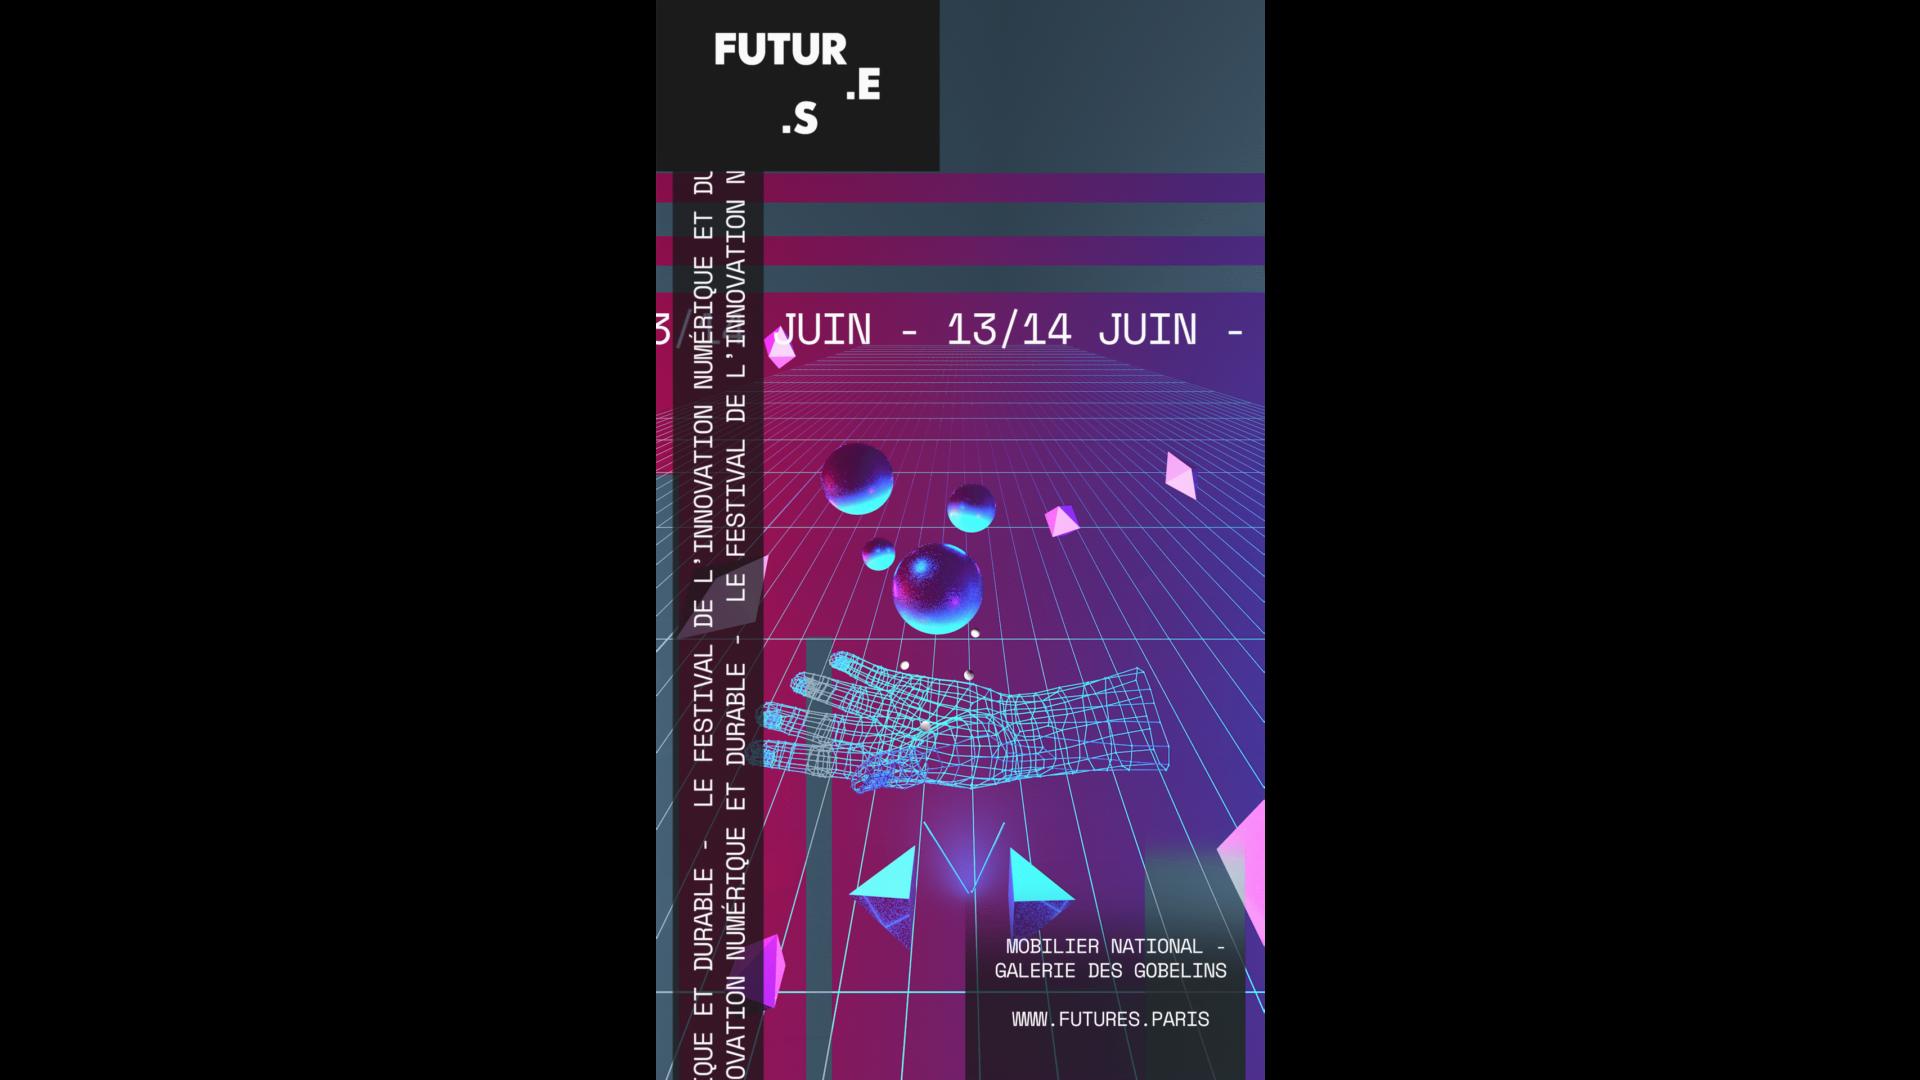 Festival Futur.e.s_Main